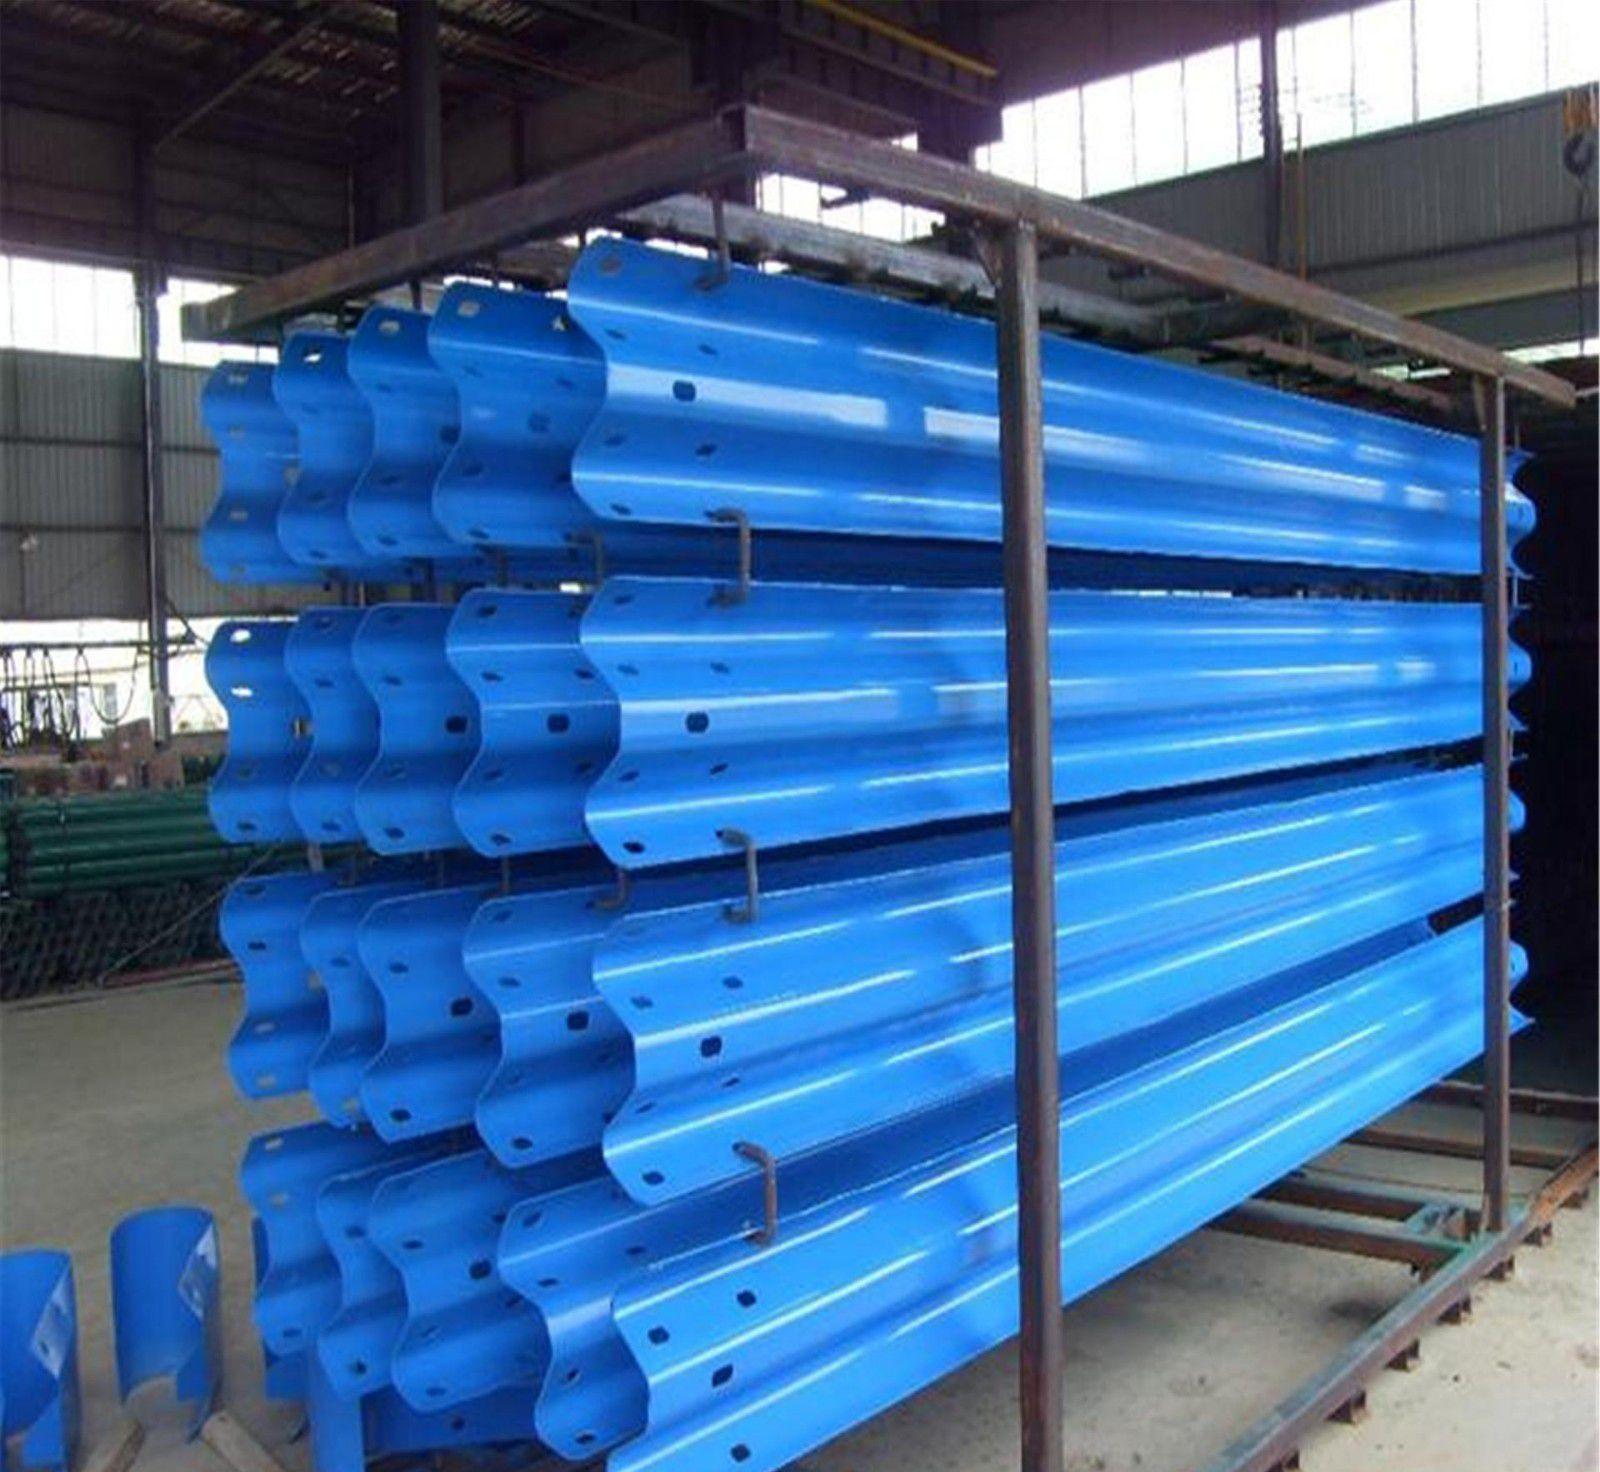 黑龙江省伊春市金山屯区304不锈钢板生产